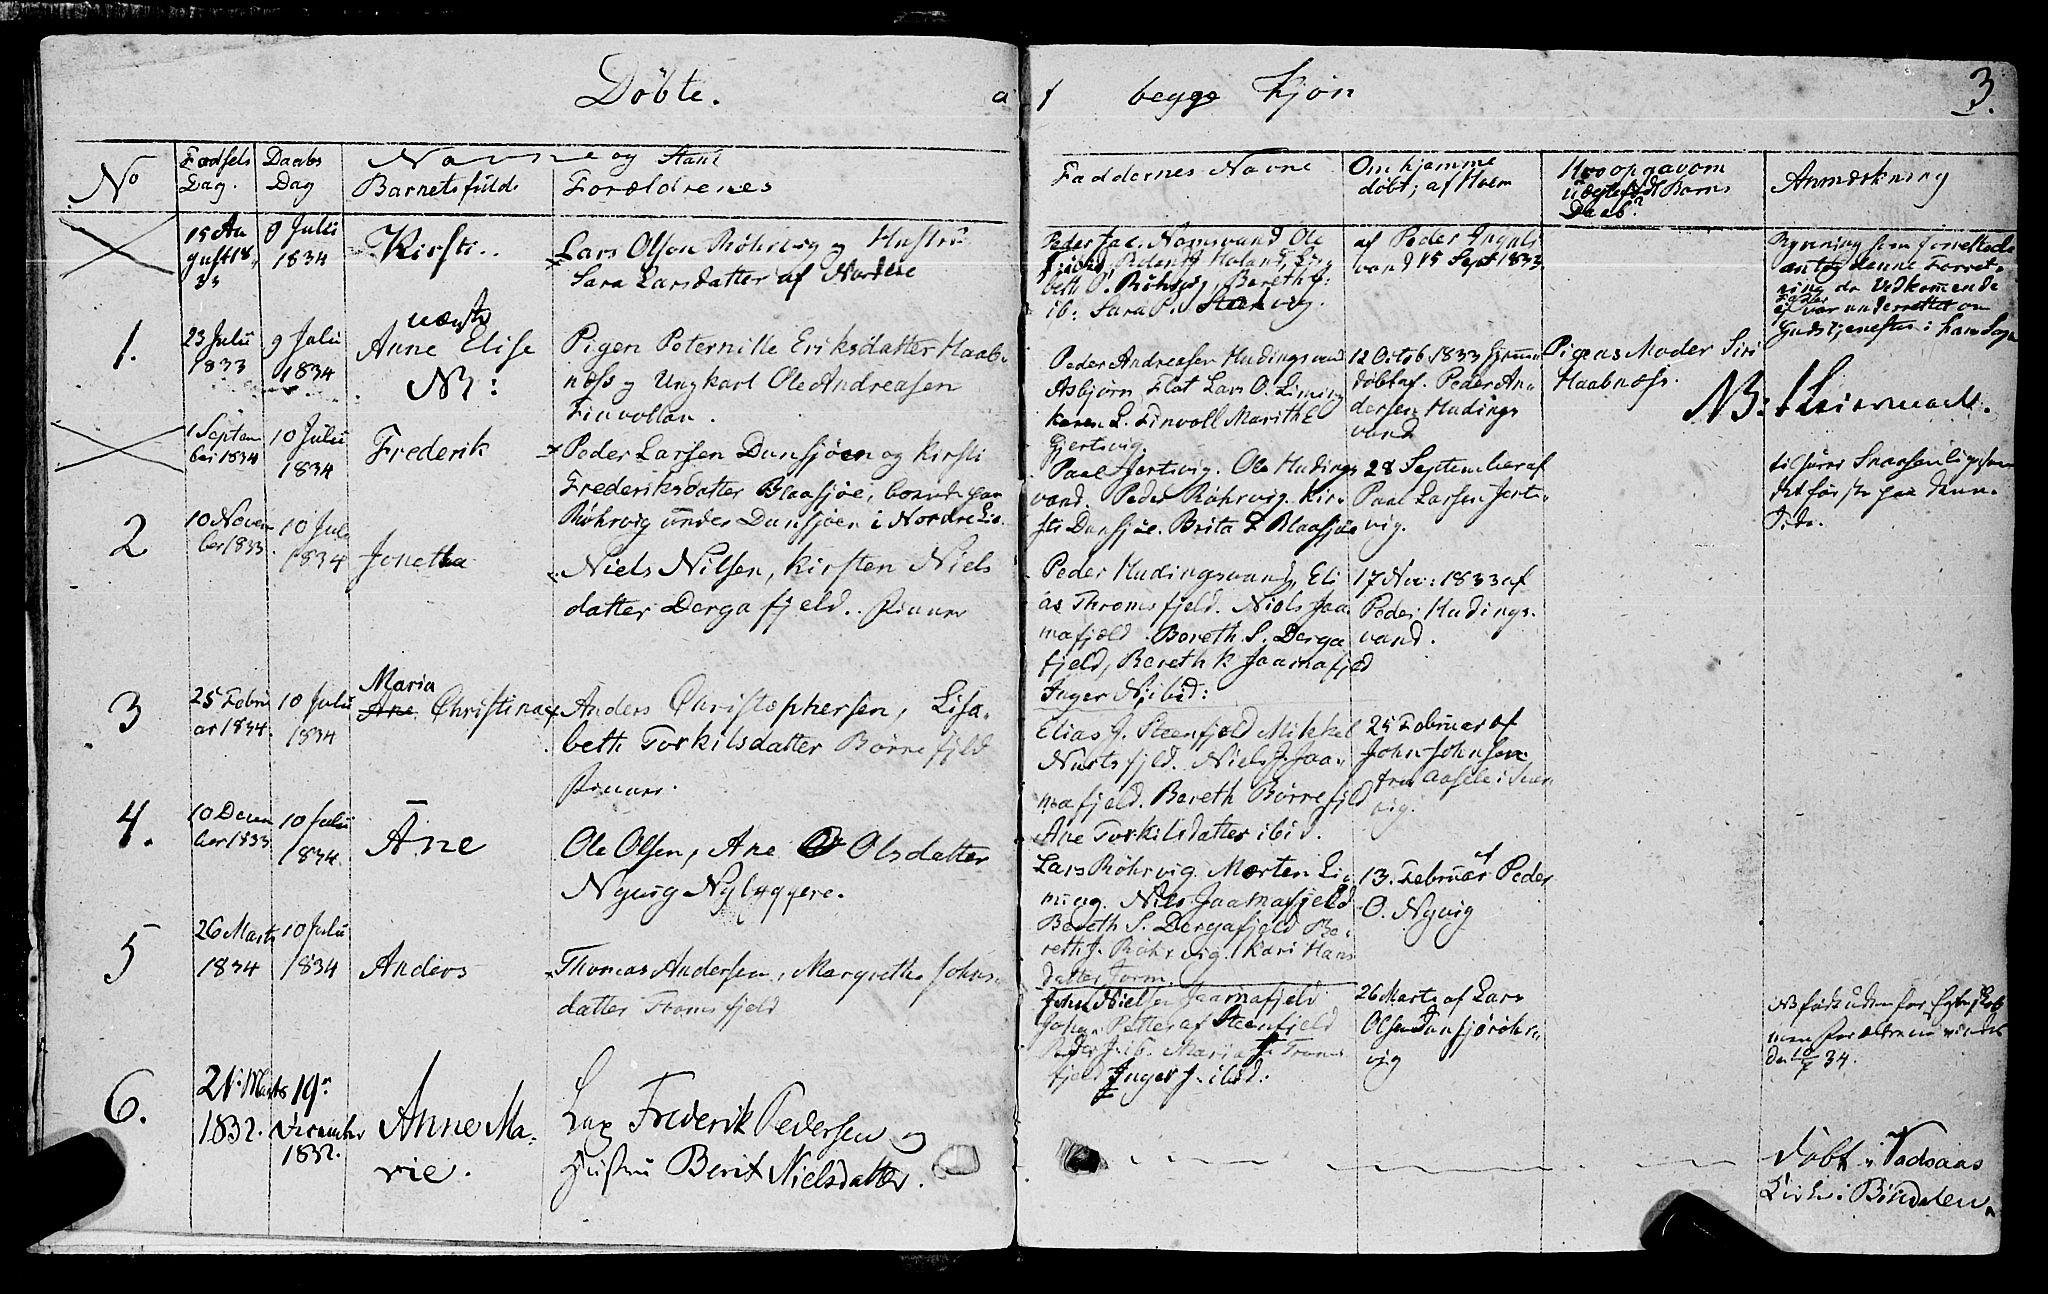 SAT, Ministerialprotokoller, klokkerbøker og fødselsregistre - Nord-Trøndelag, 762/L0538: Ministerialbok nr. 762A02 /1, 1833-1879, s. 3